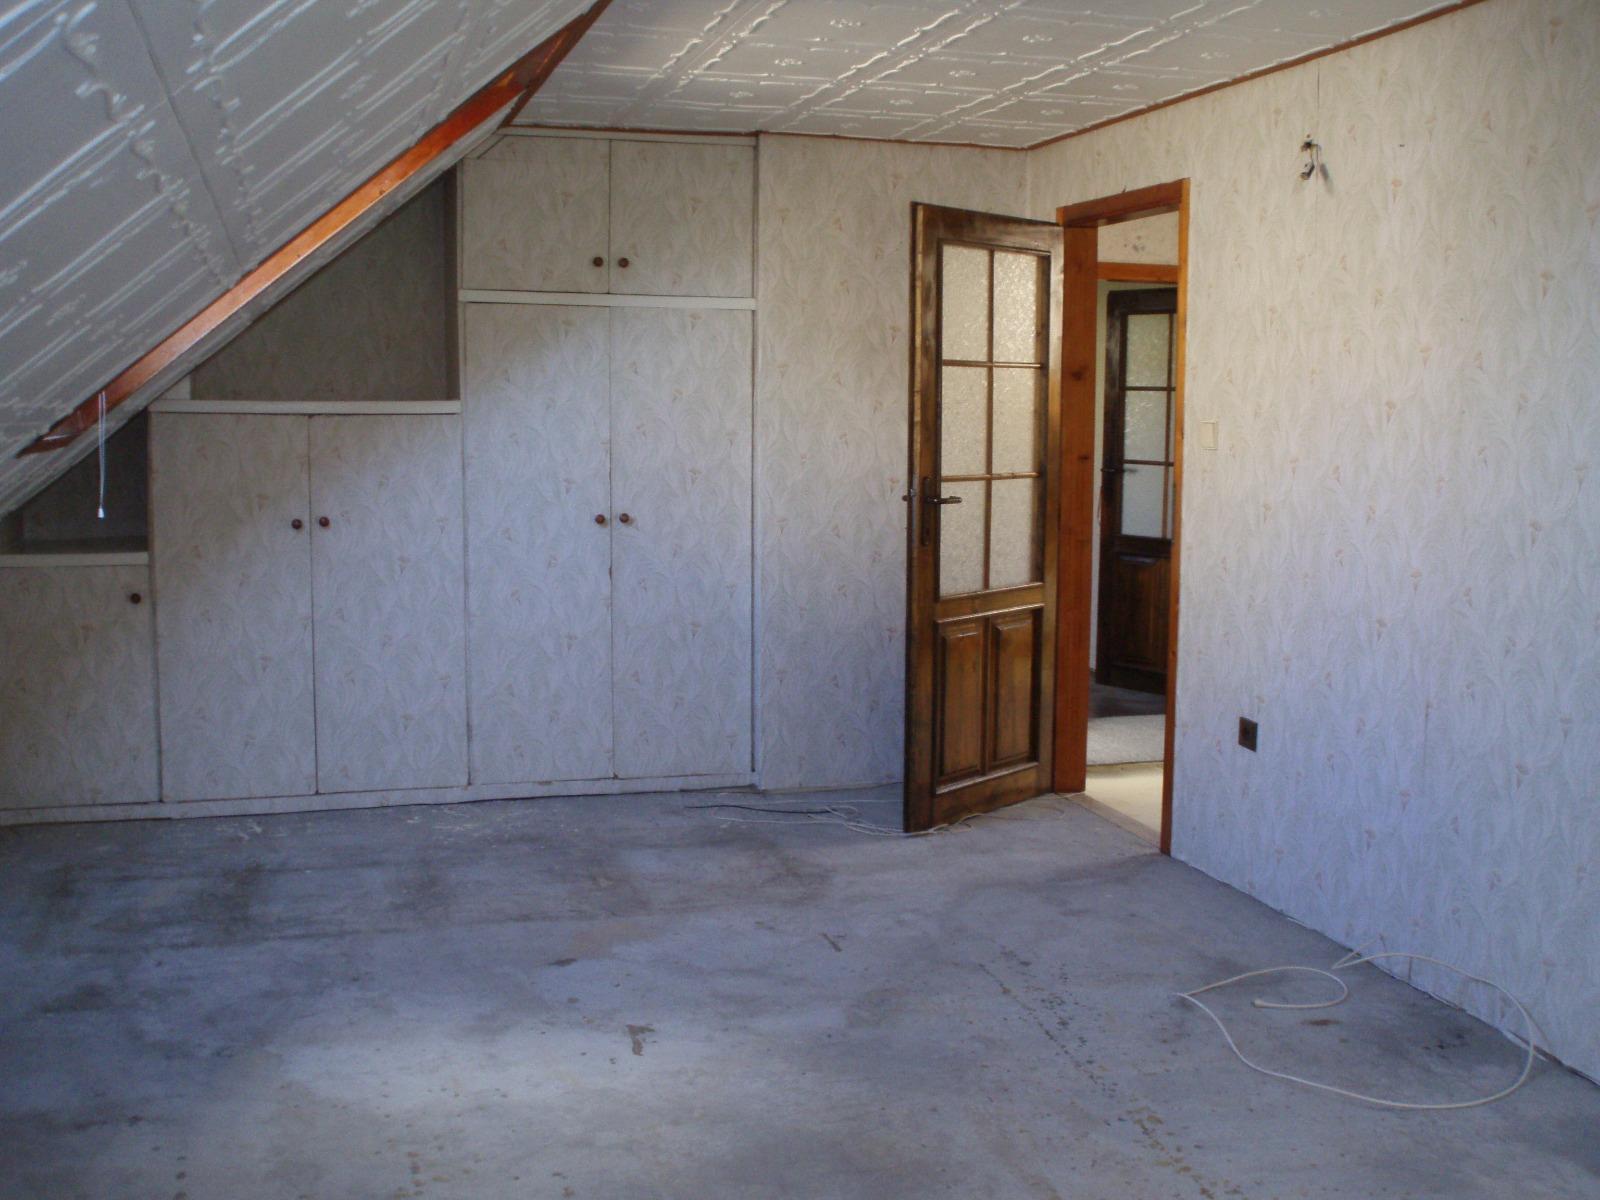 Rekonstrukce domečku ❤️ - Obrázek č. 4